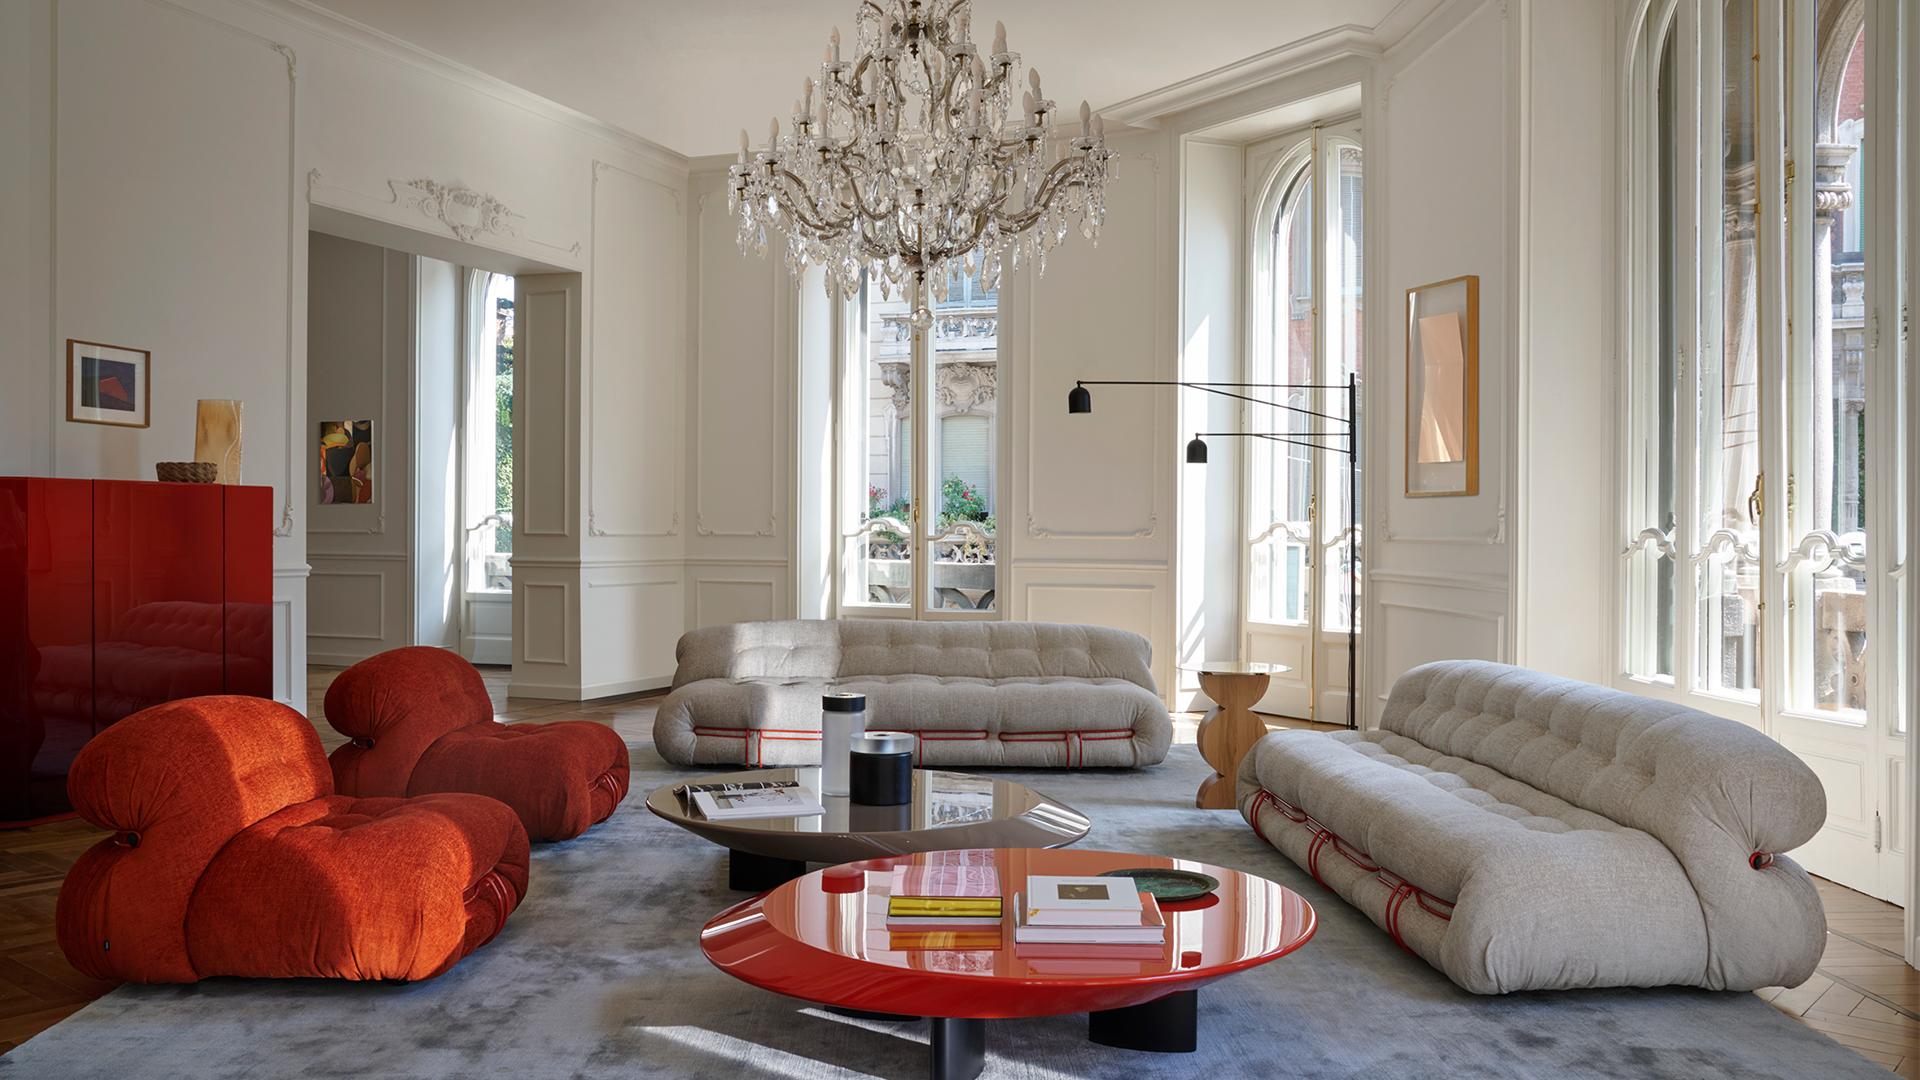 As cores tiveram destaque no evento, principalmente o laranja e o verde, que apareceu não só nos móveis, mas nas plantas integradas aos ambientes